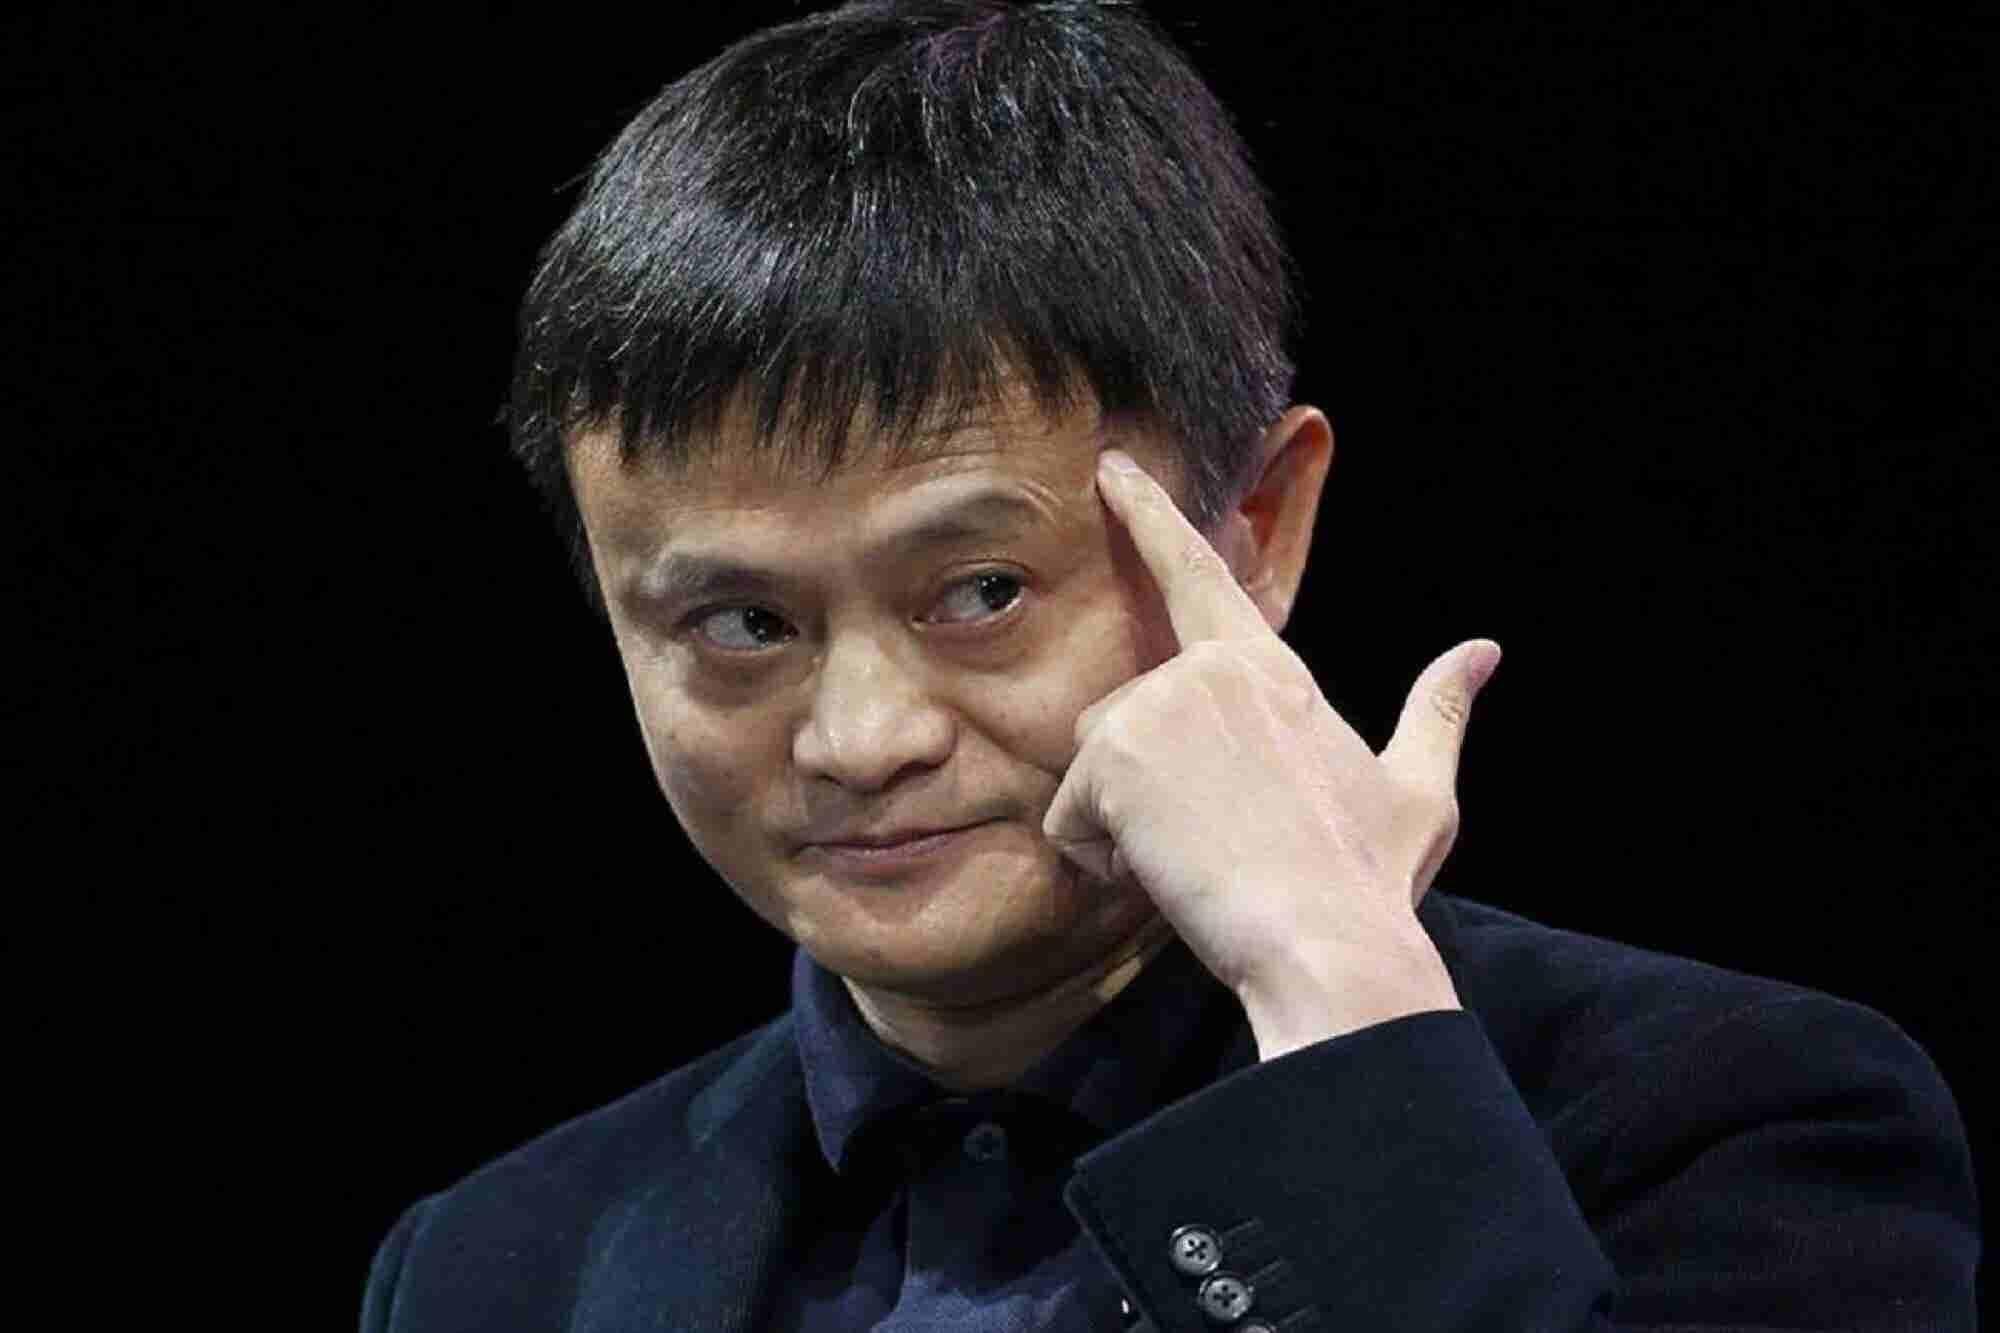 Este es el consejo que te da el hombre más rico de China para enfrentar el futuro sin miedo